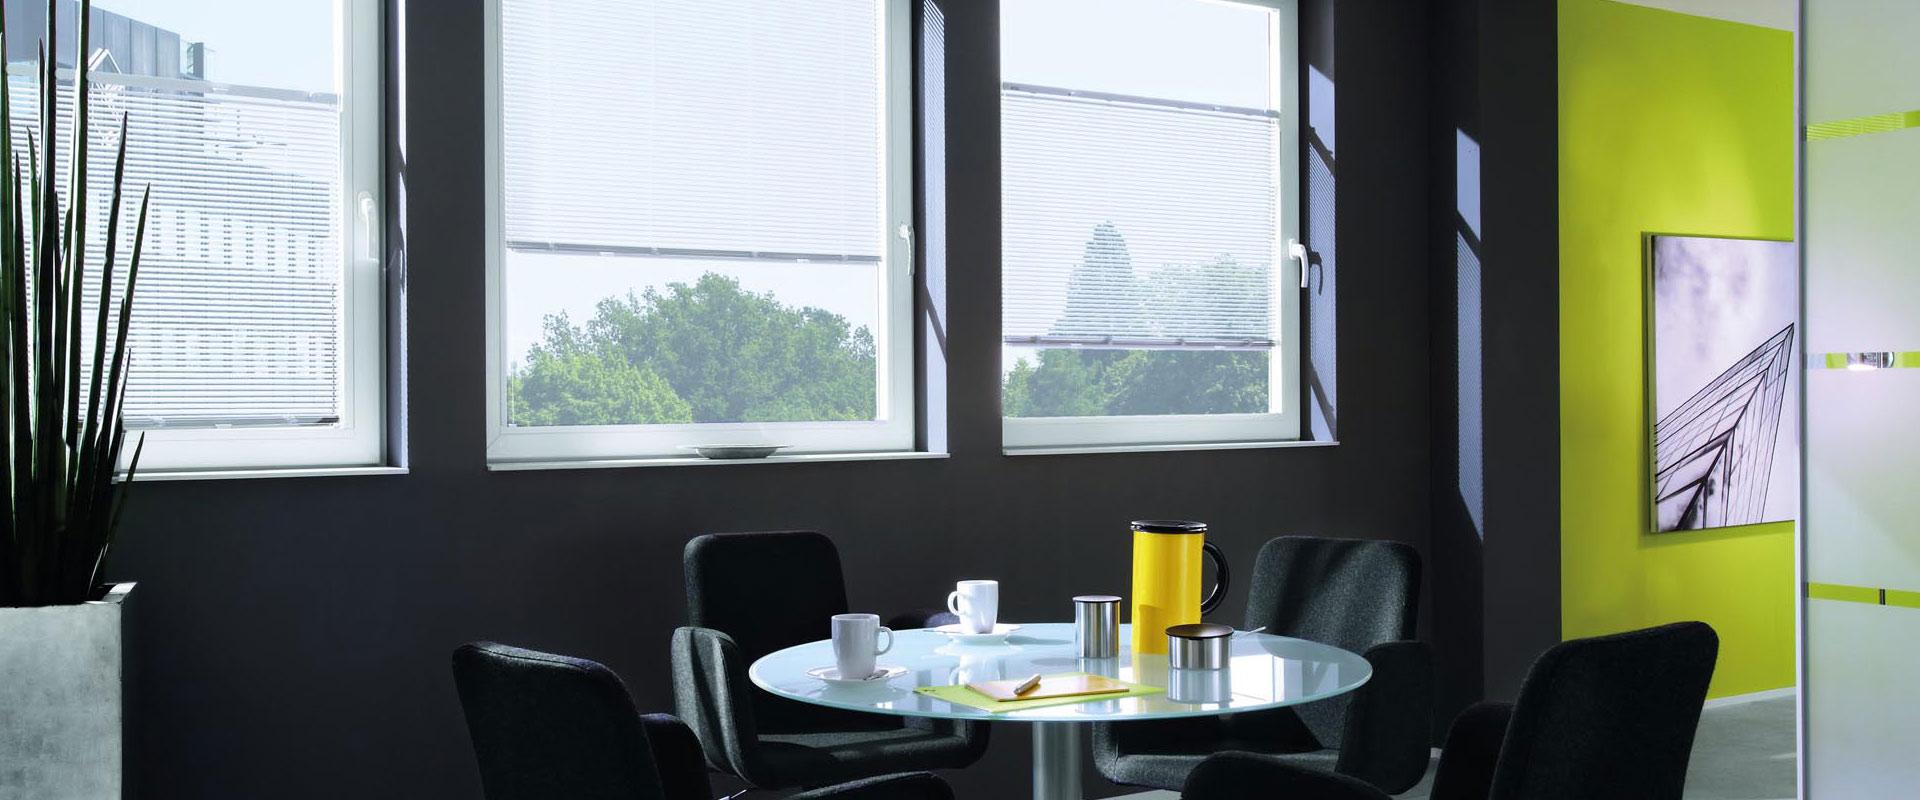 Raumausstatter Würzburg raumausstatter würzburg objektdesign innendekoration